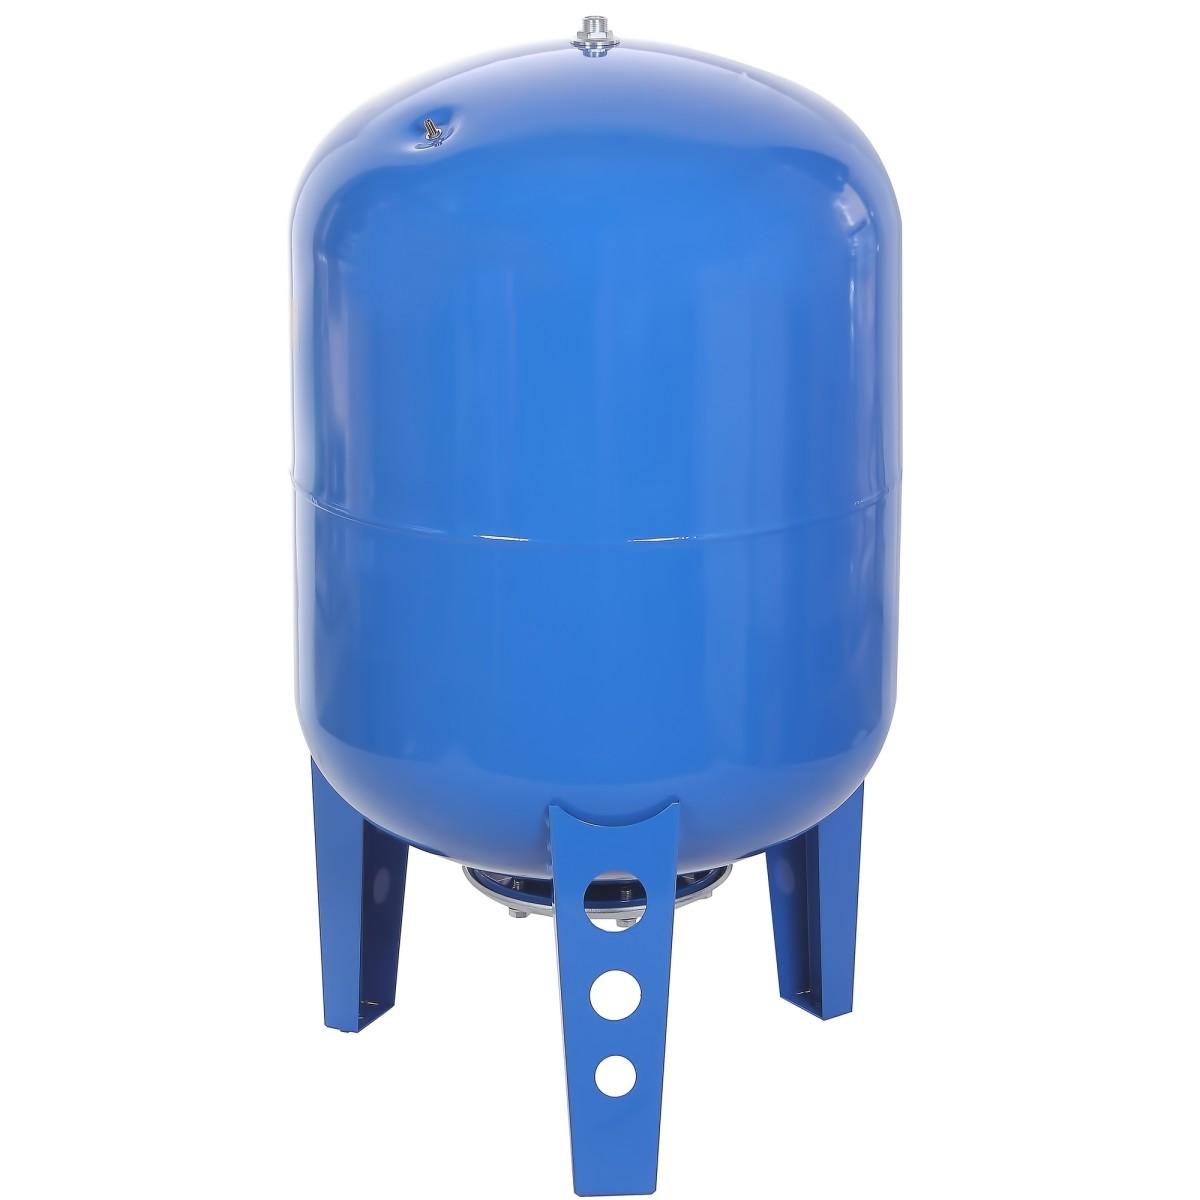 Гидроаккумулятор вертикальный 200 л фланец оцинкованная сталь